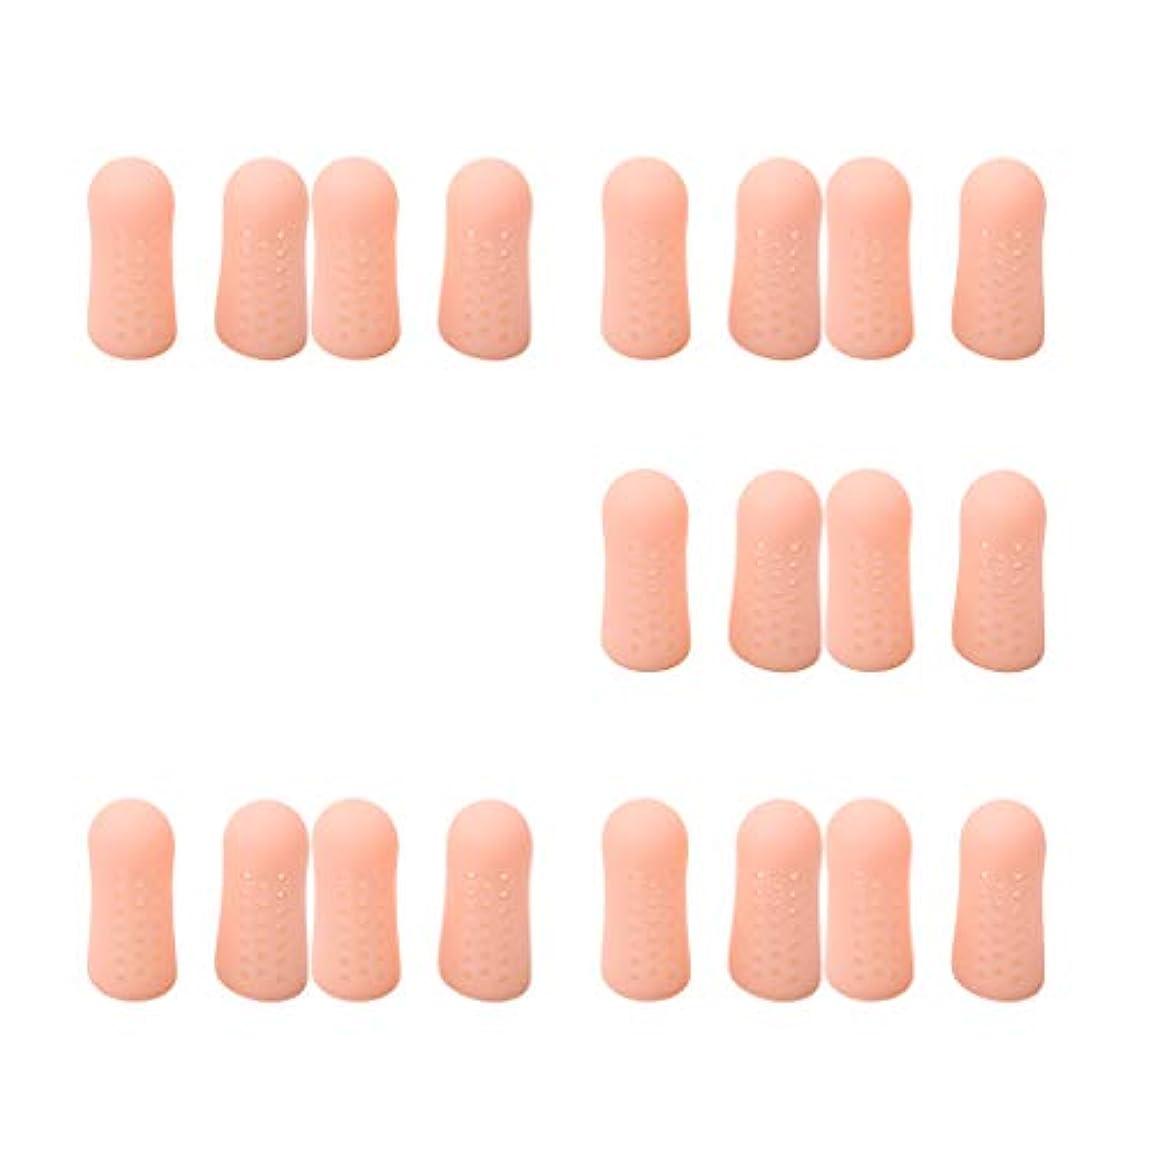 いわゆるブルジョン薄暗いdailymall 20個の指のつま先チューブスリーブプロテクターキャップセパレーターの痛みを軽減